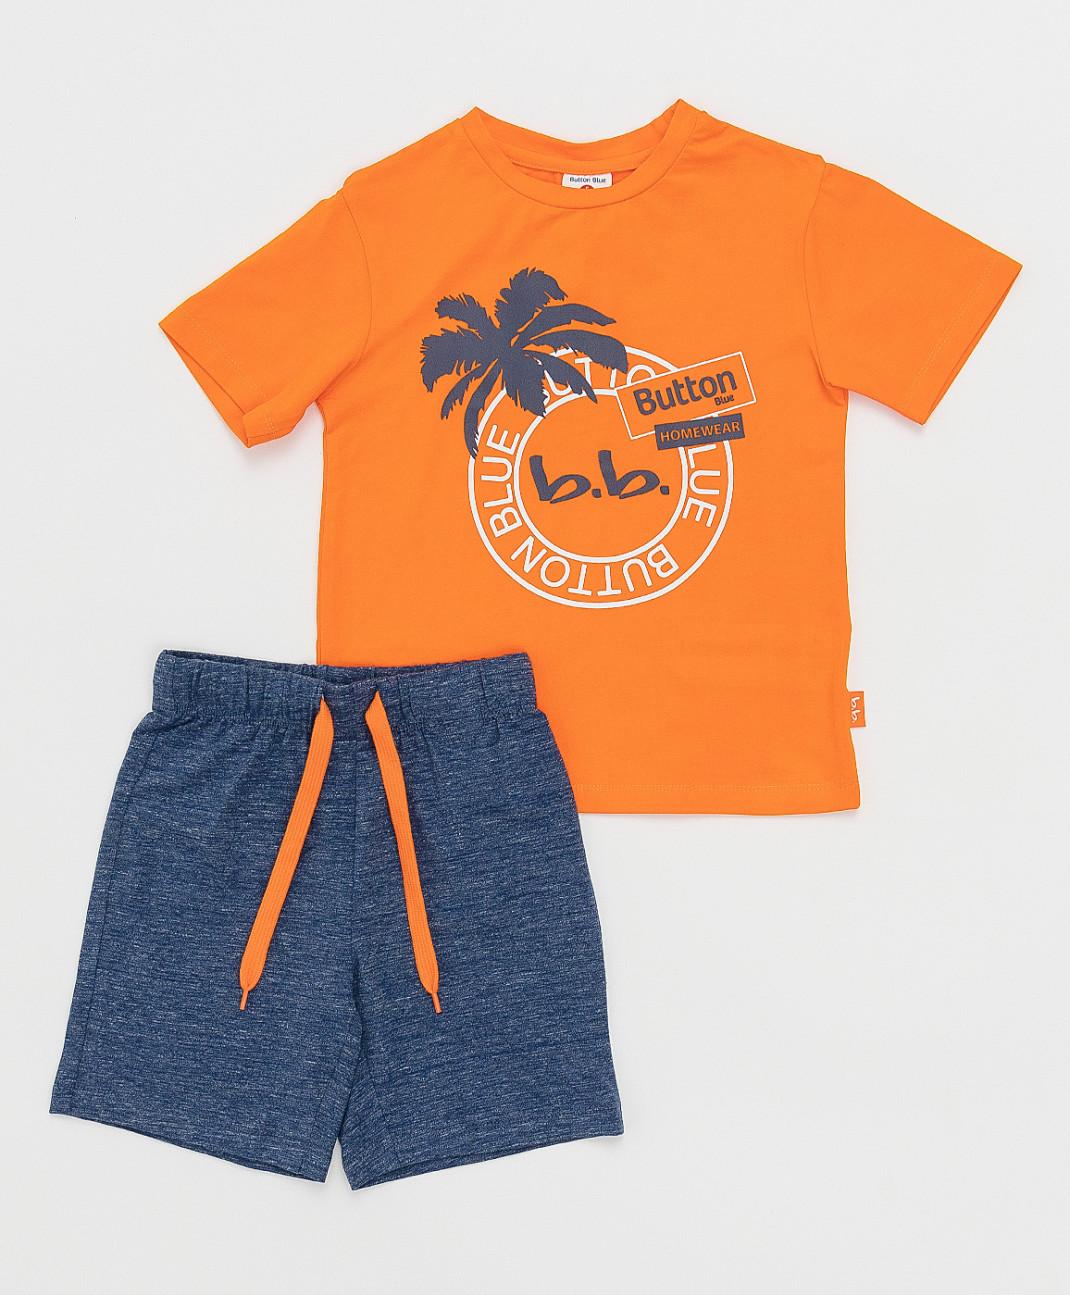 Купить Детская пижама Button Blue оранжевая 121BBBMU97026110 размер 98-104,